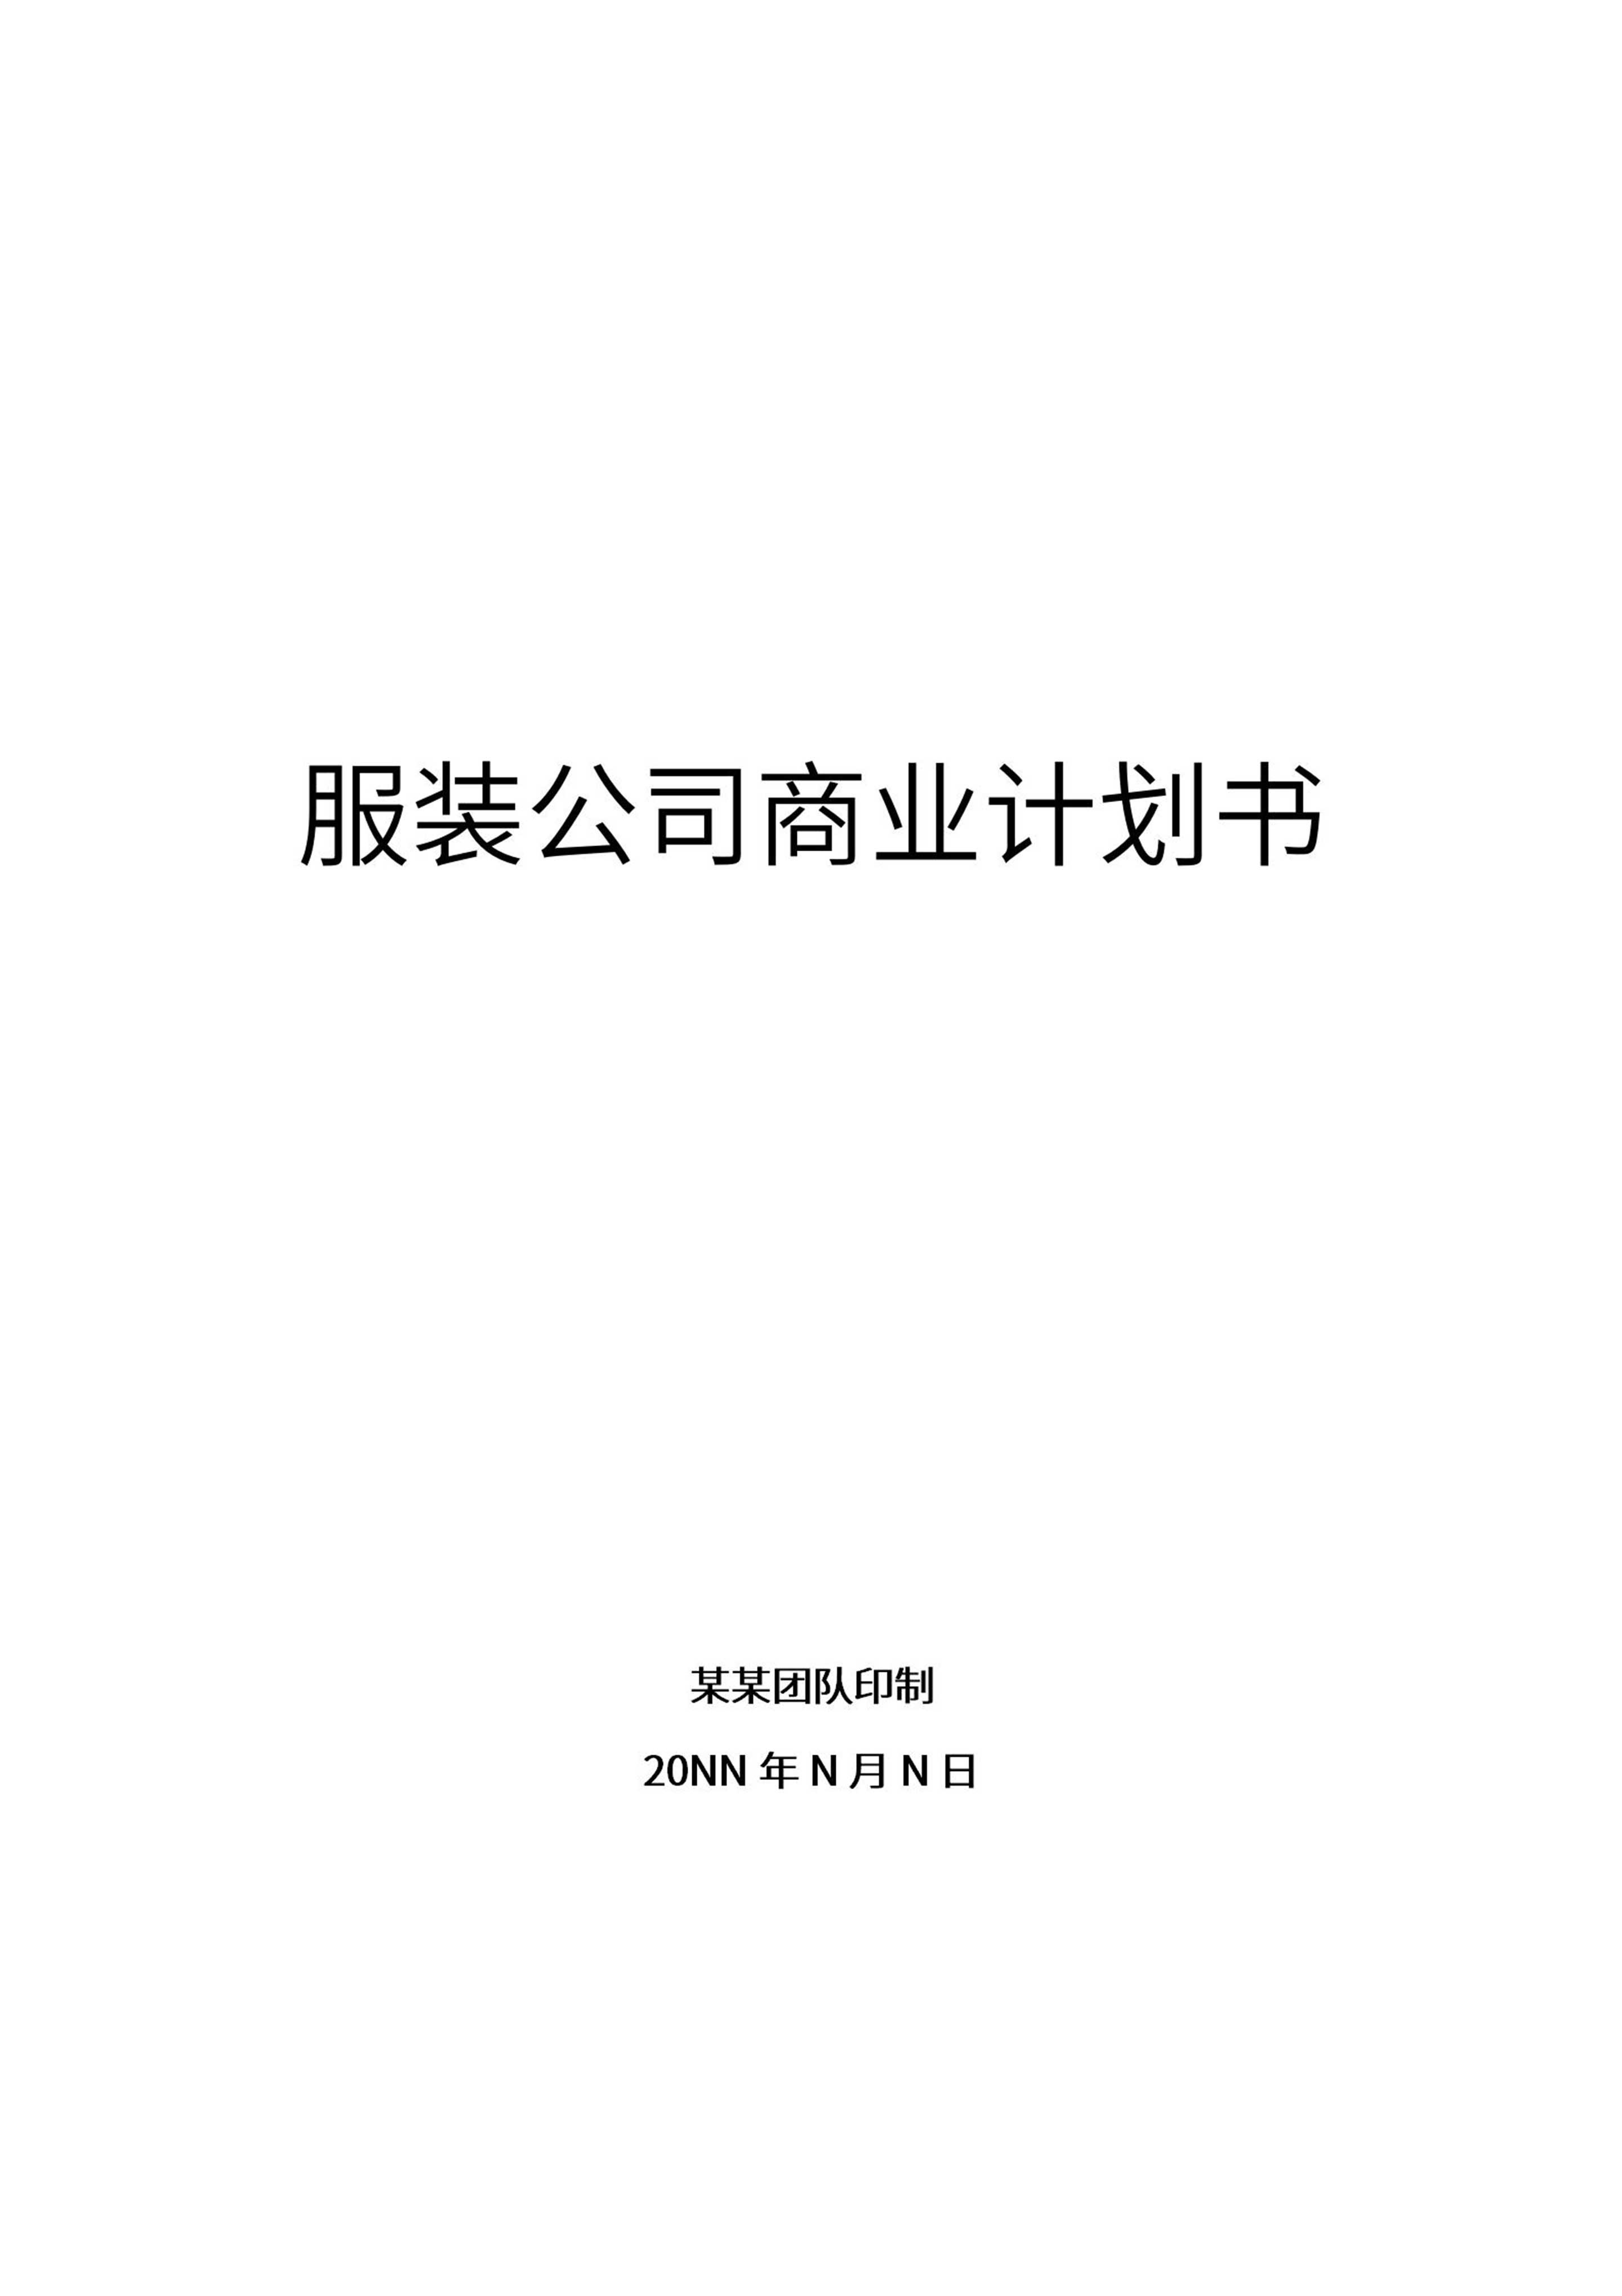 服装公司商业计划书word模板